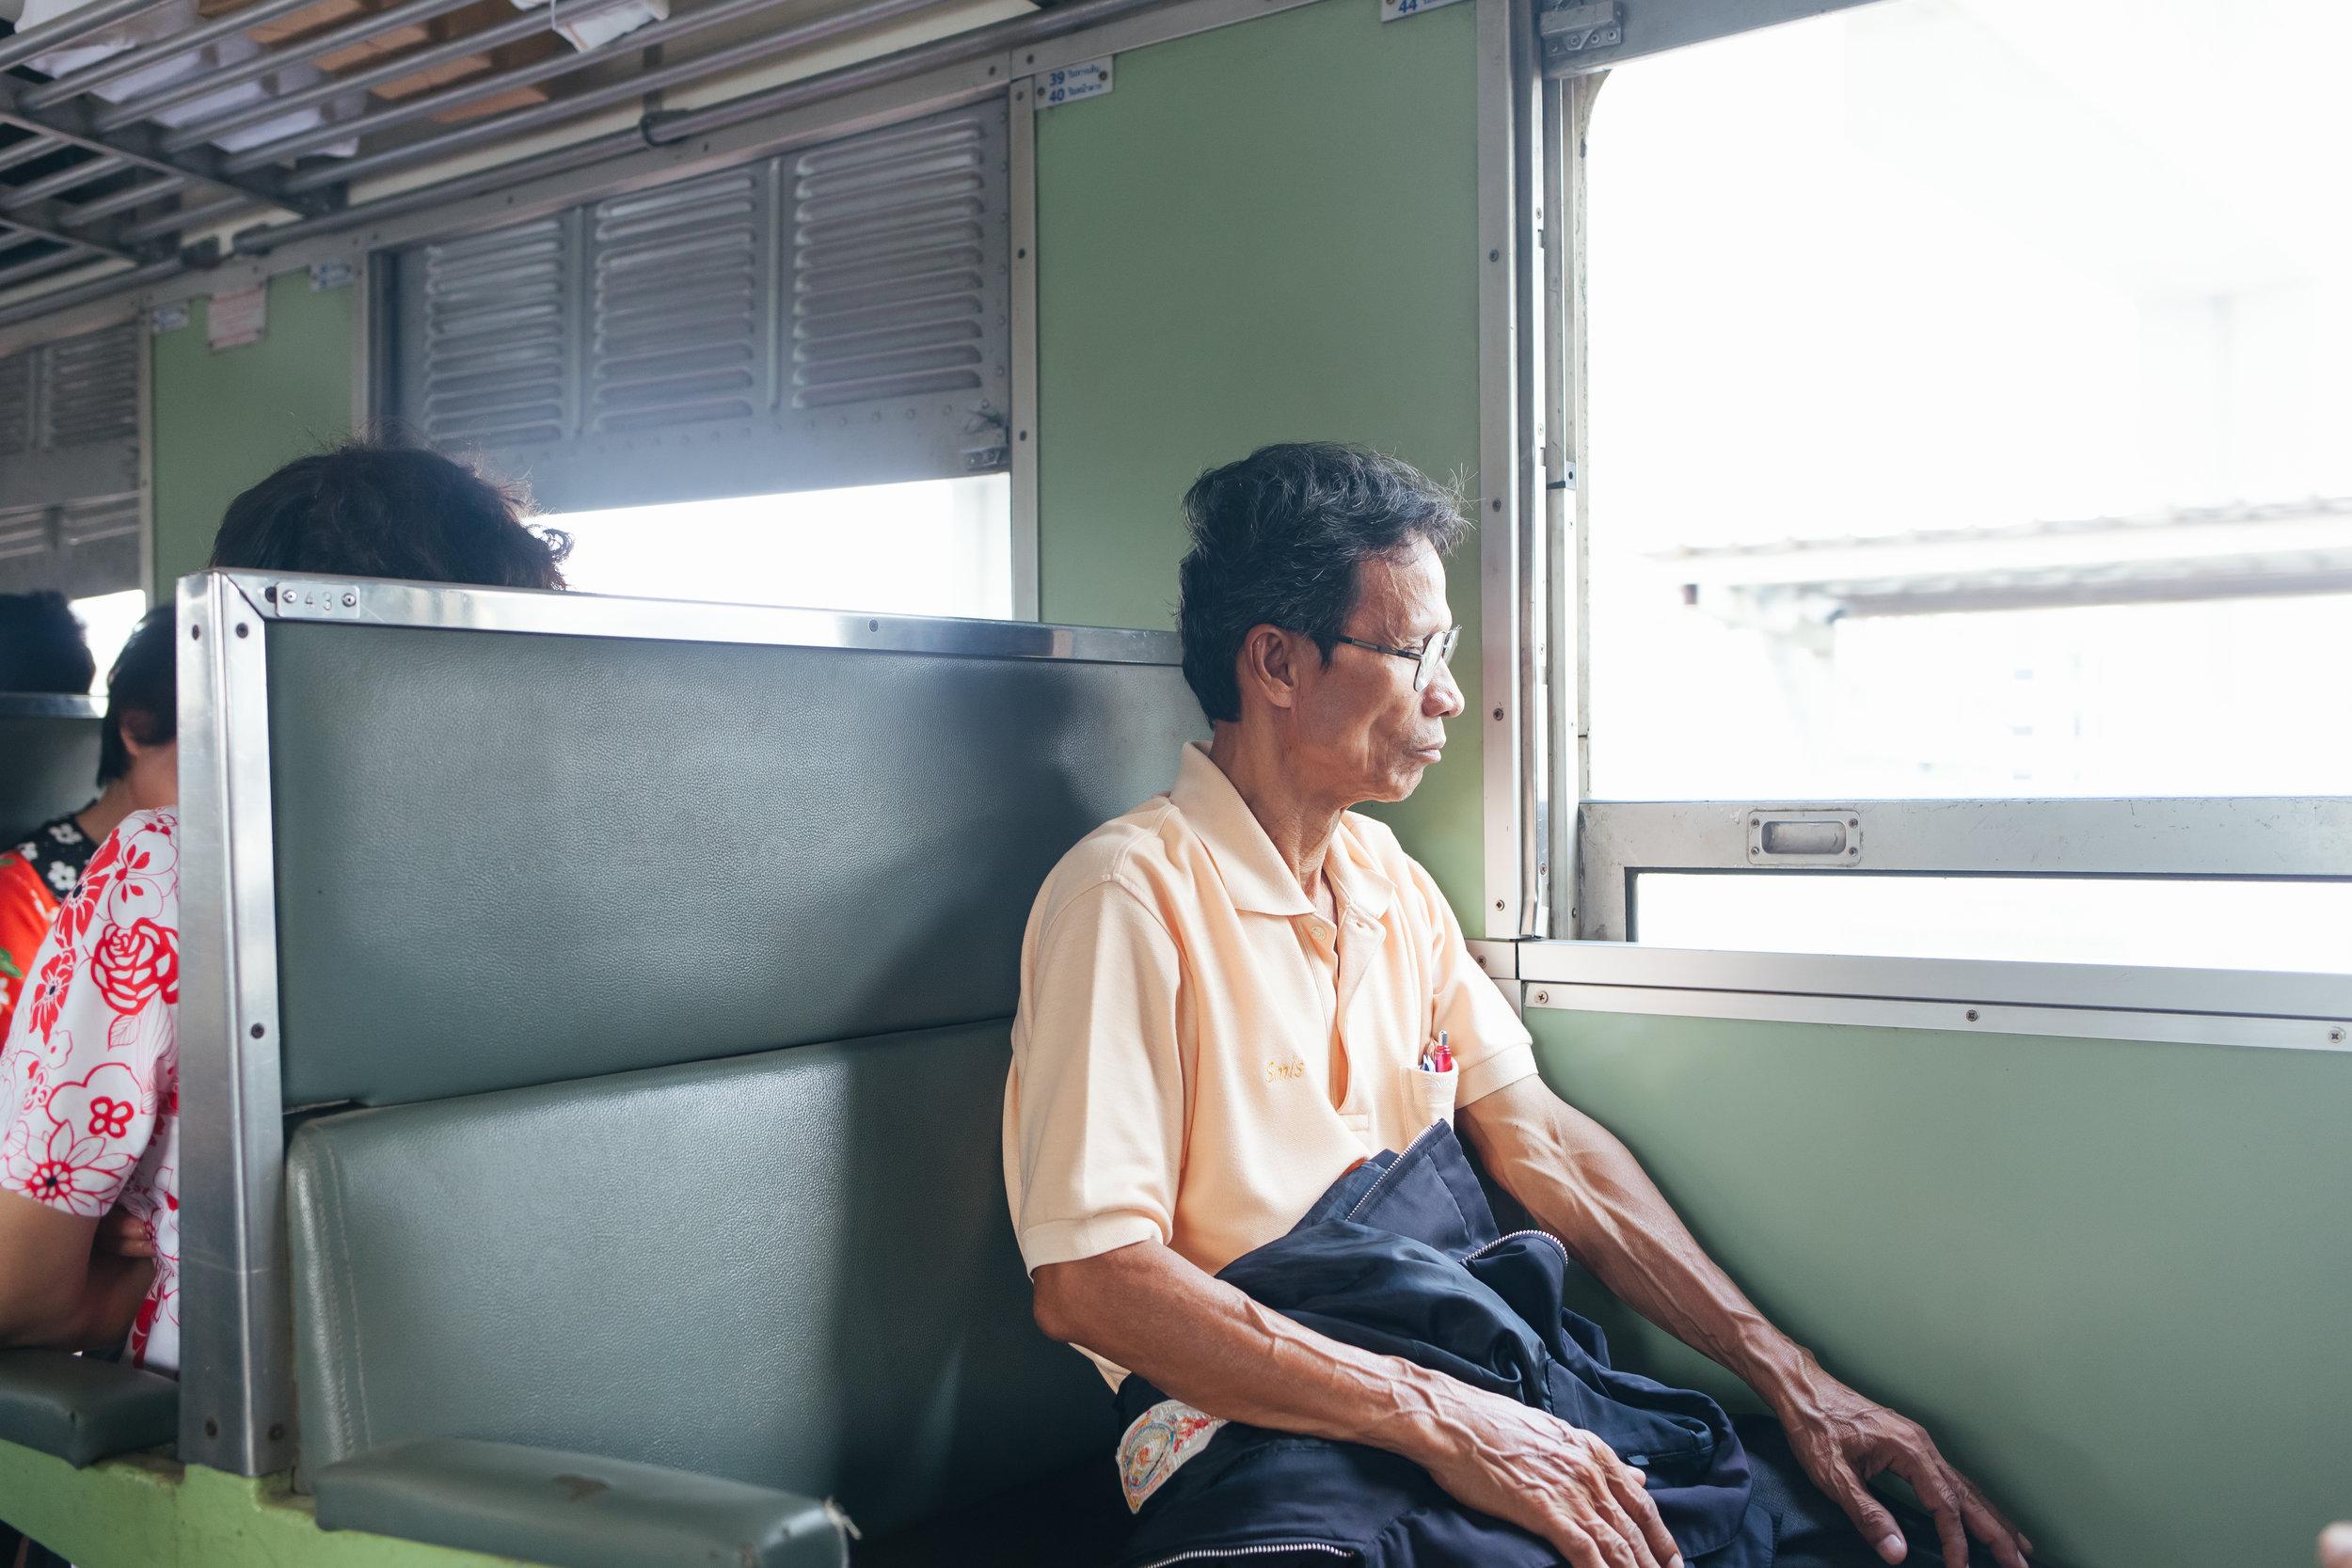 thailand_lampang_ayuthaya_train (49 of 77).jpg